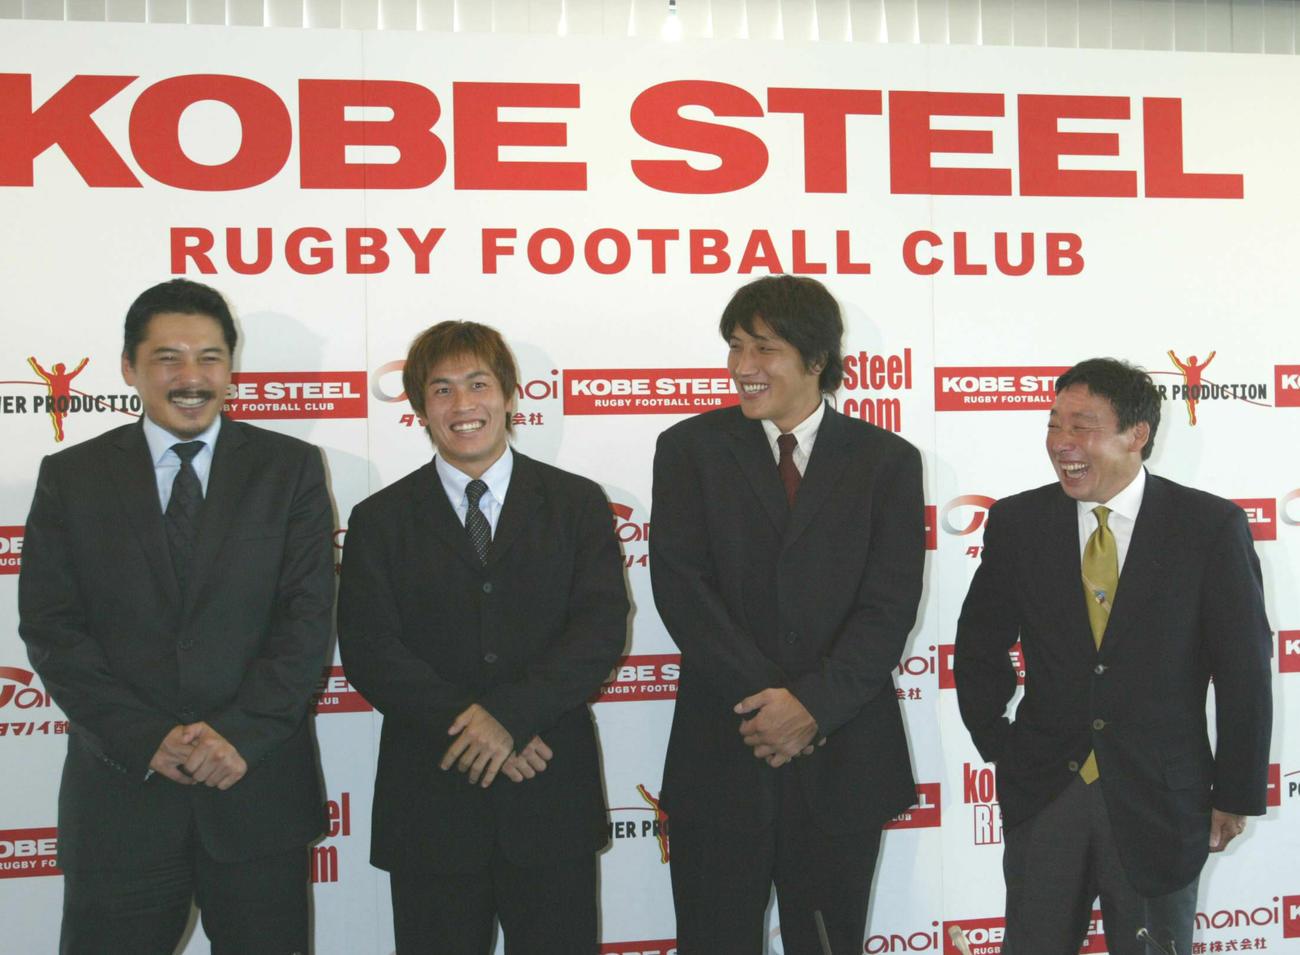 萩本光威氏 新しい神戸の歴史作れ/神鋼のキセキ2 , ラグビー